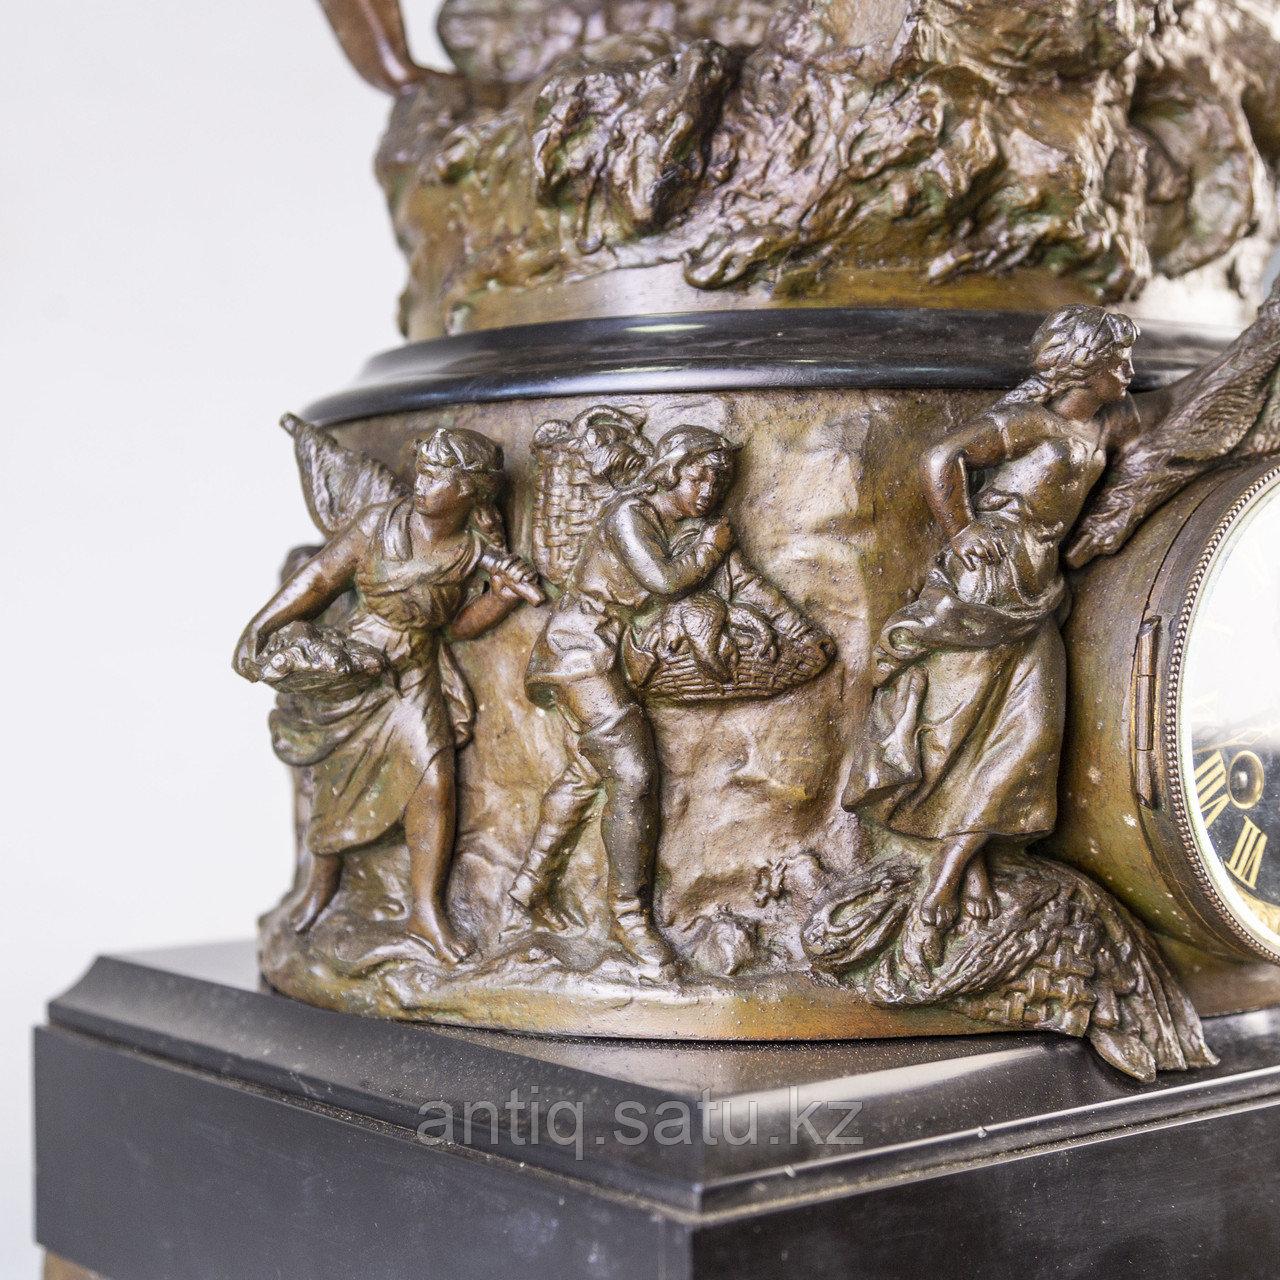 Часы в стиле Наполеона III. Скульптор Hippolyte Moreau Часовая мастерская S. Marti & Cie - фото 5